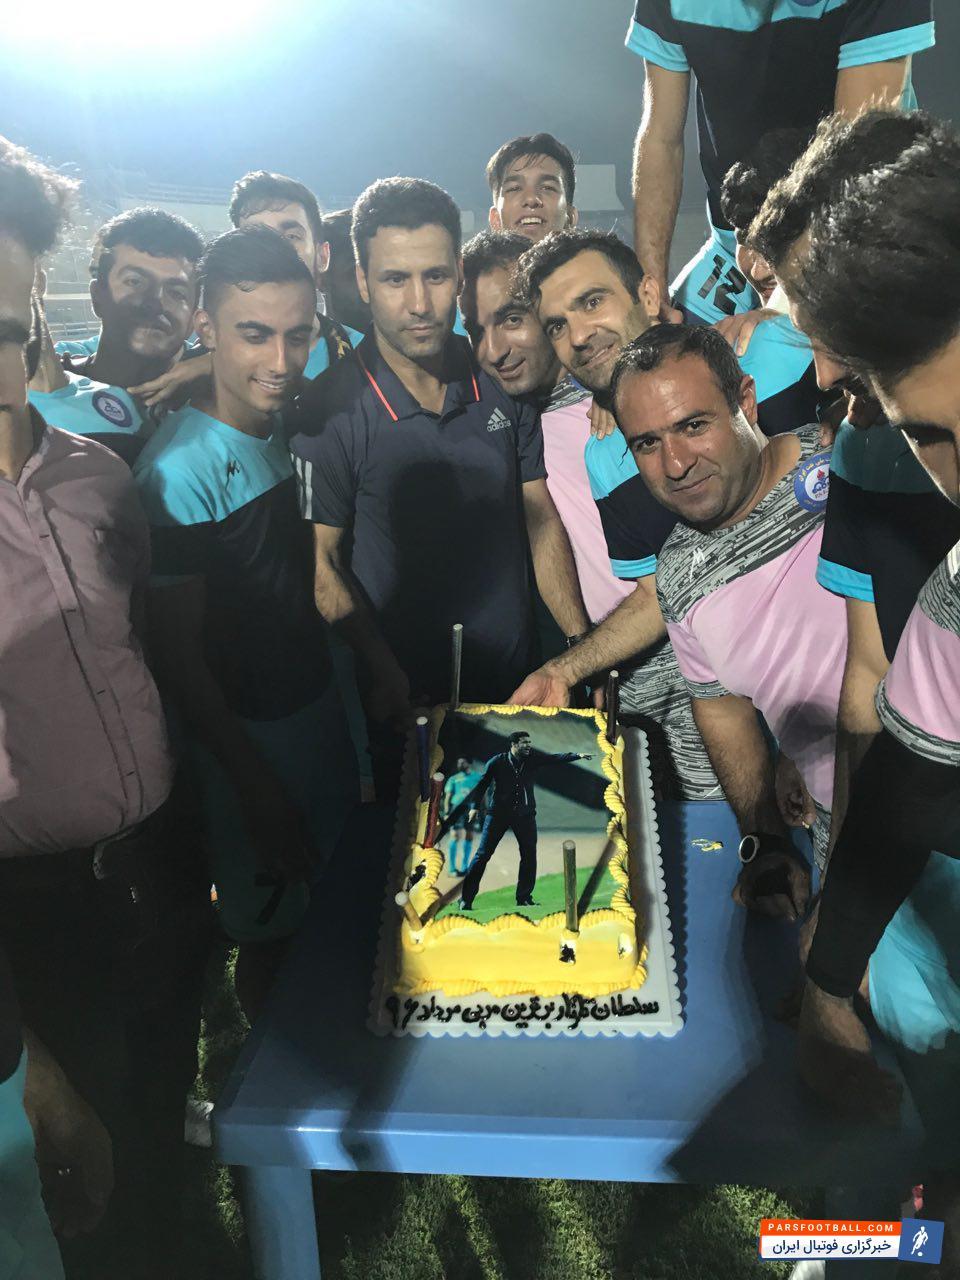 کیک برای تارتار در تمرینات پارس جنوبی